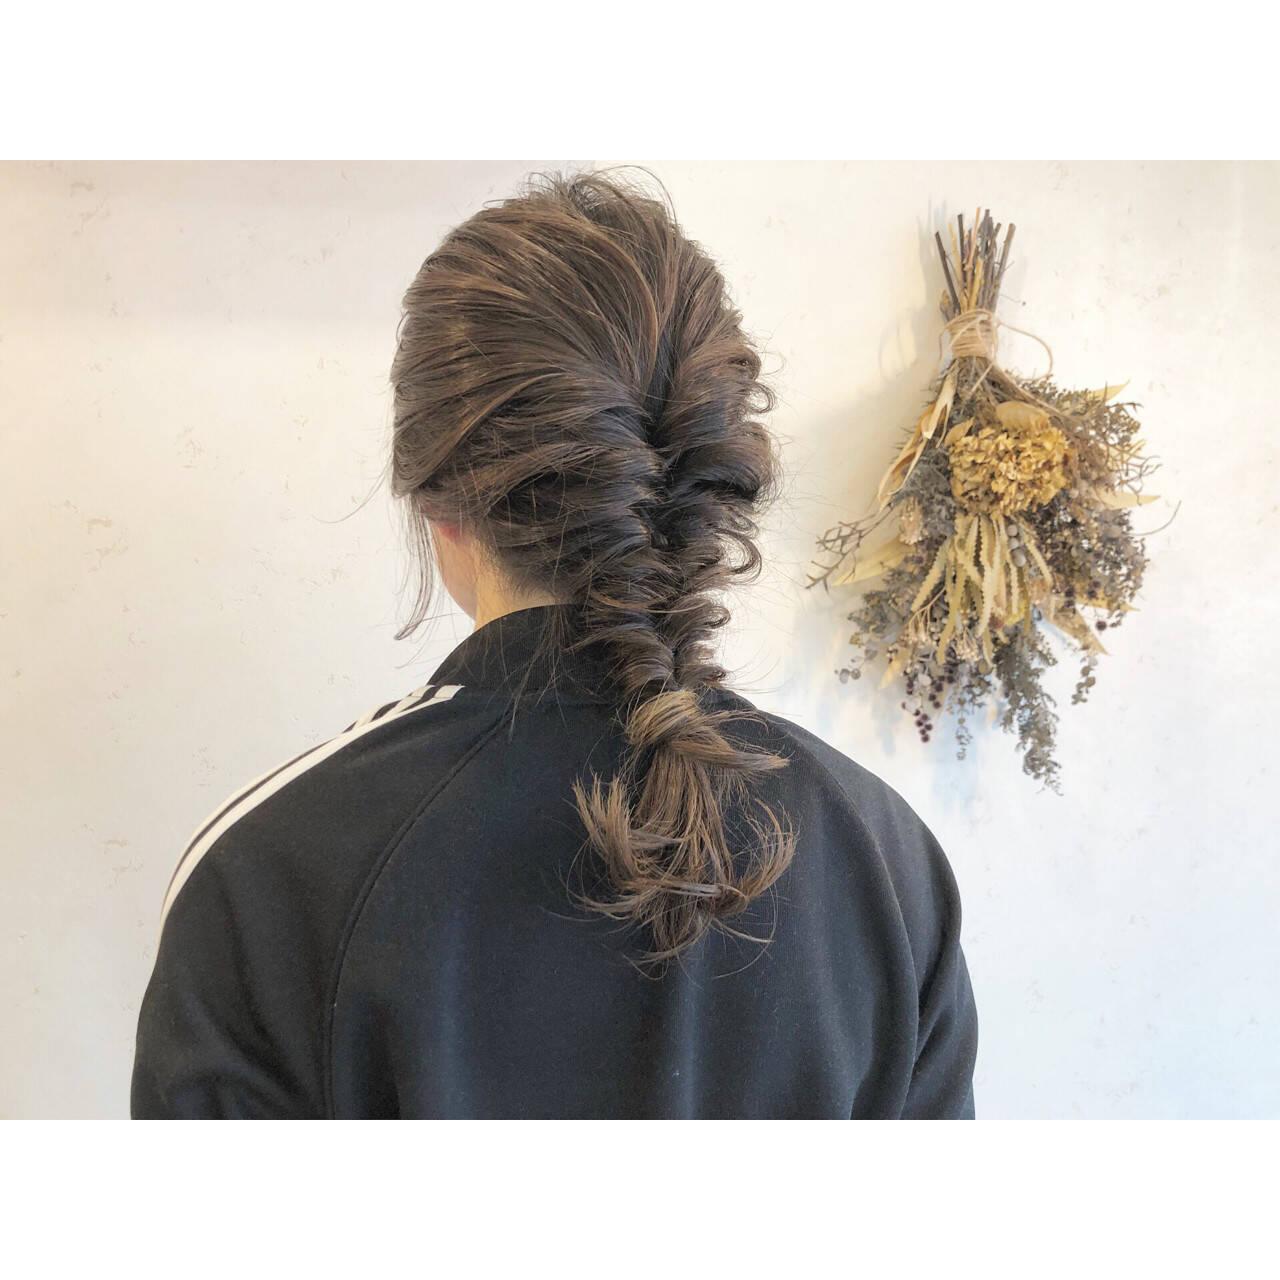 アンニュイほつれヘア ヘアアレンジ ハイライト 簡単ヘアアレンジヘアスタイルや髪型の写真・画像